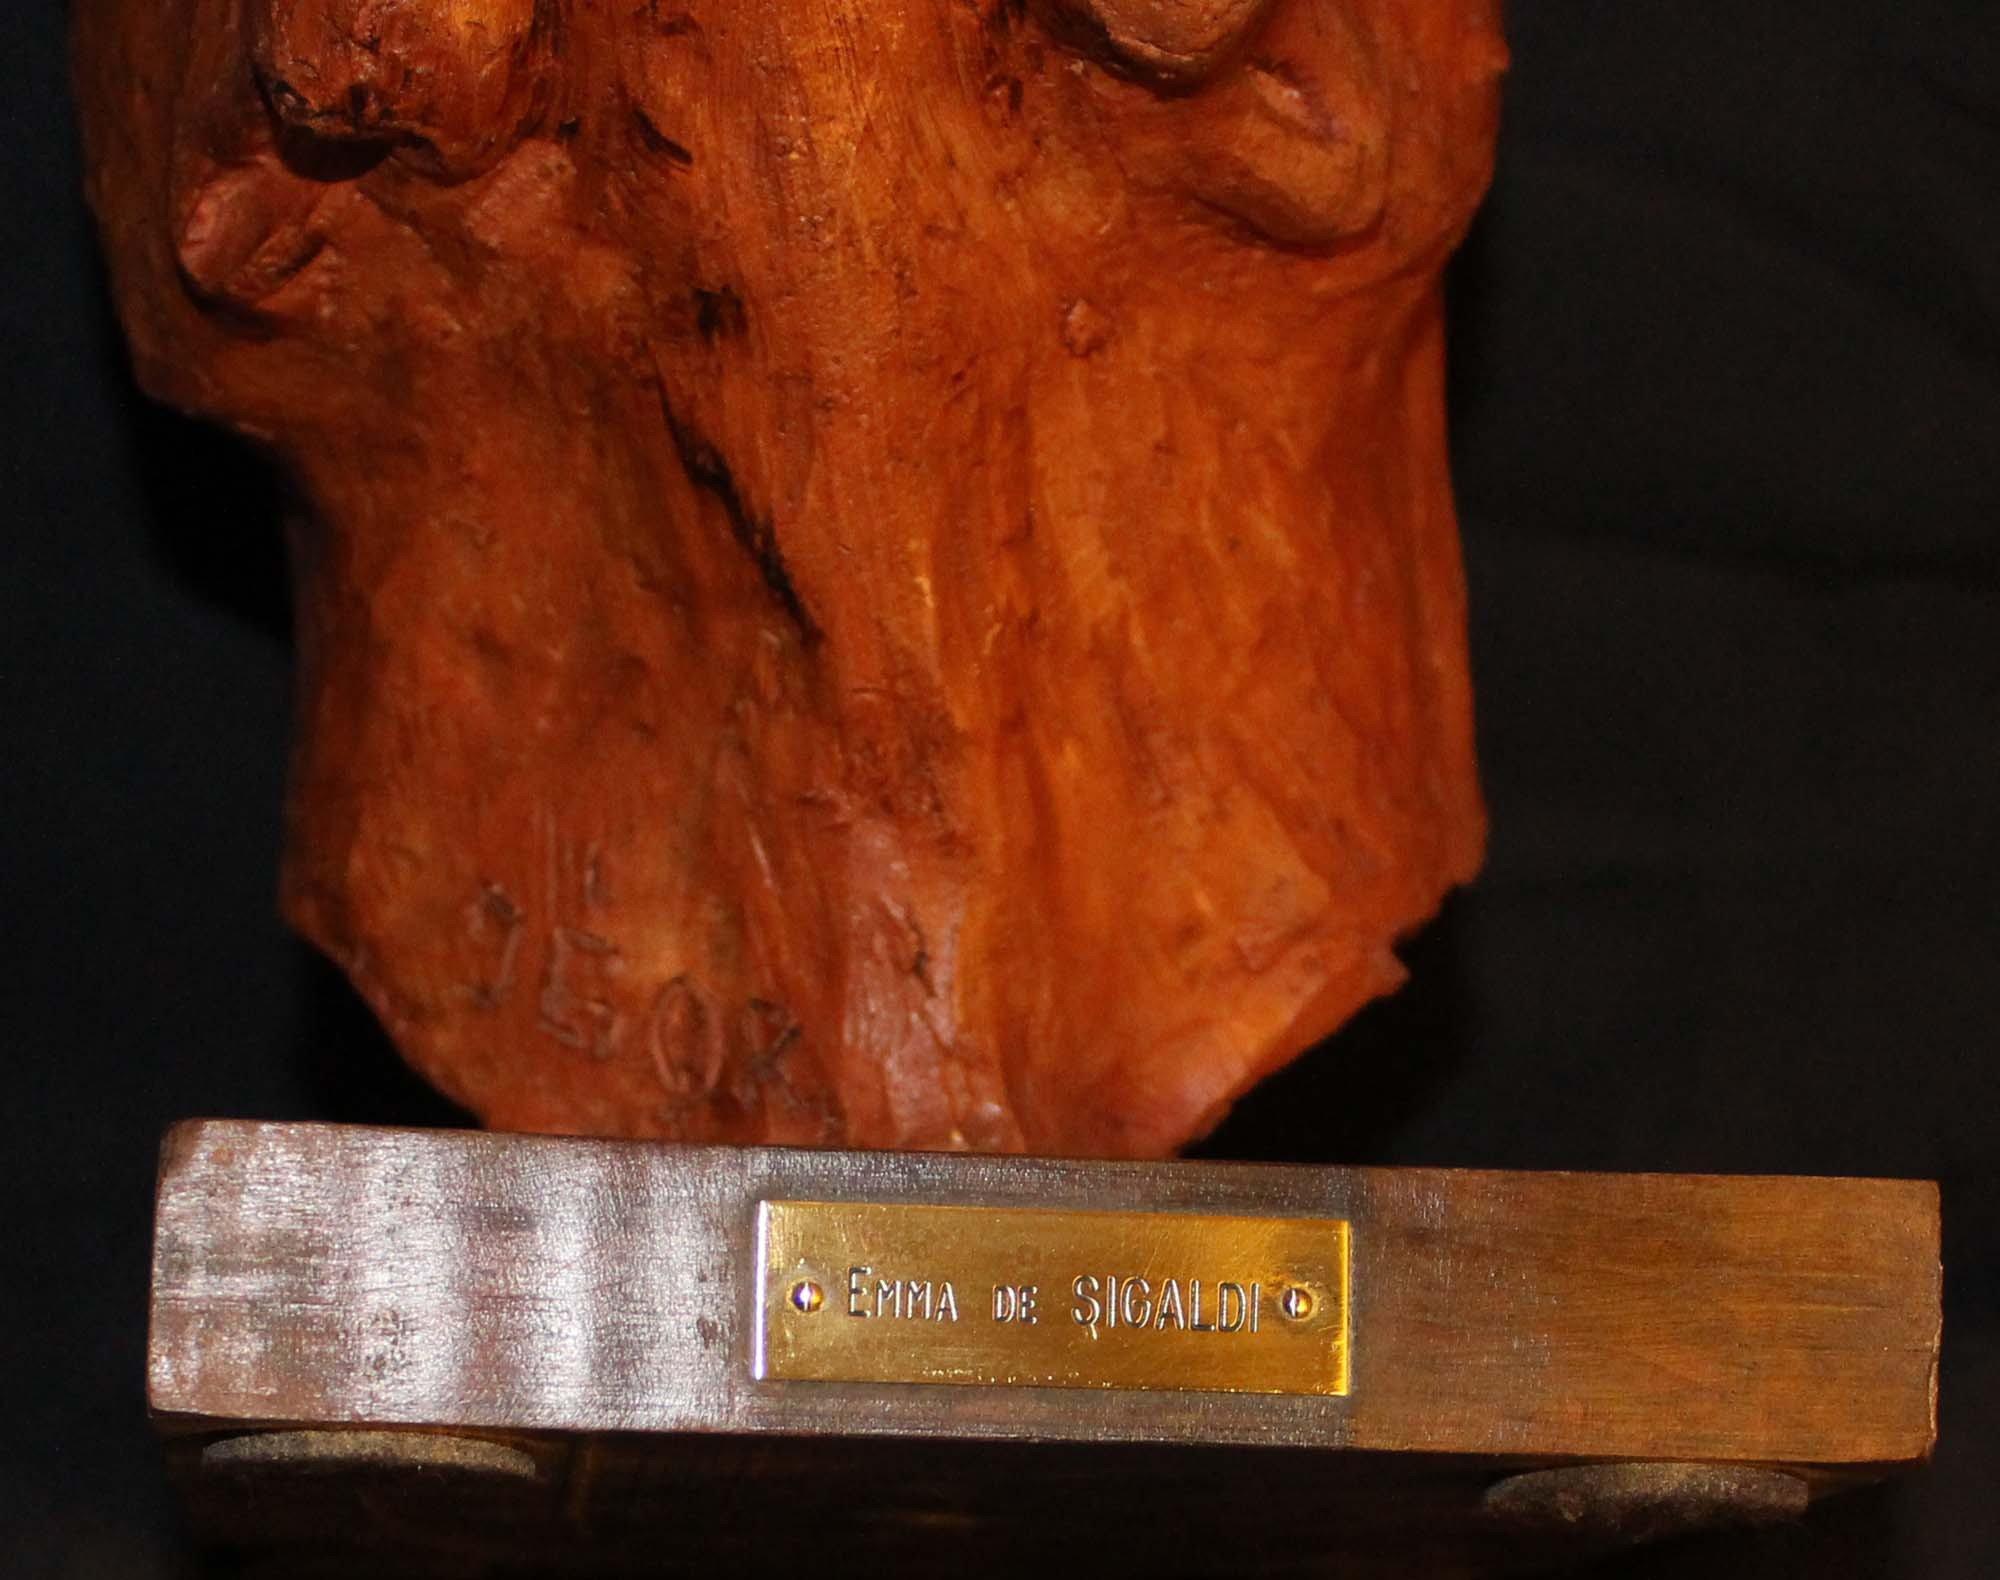 galerie-bosetti-antiquites terre cuite boxer De SIGALDI, marque